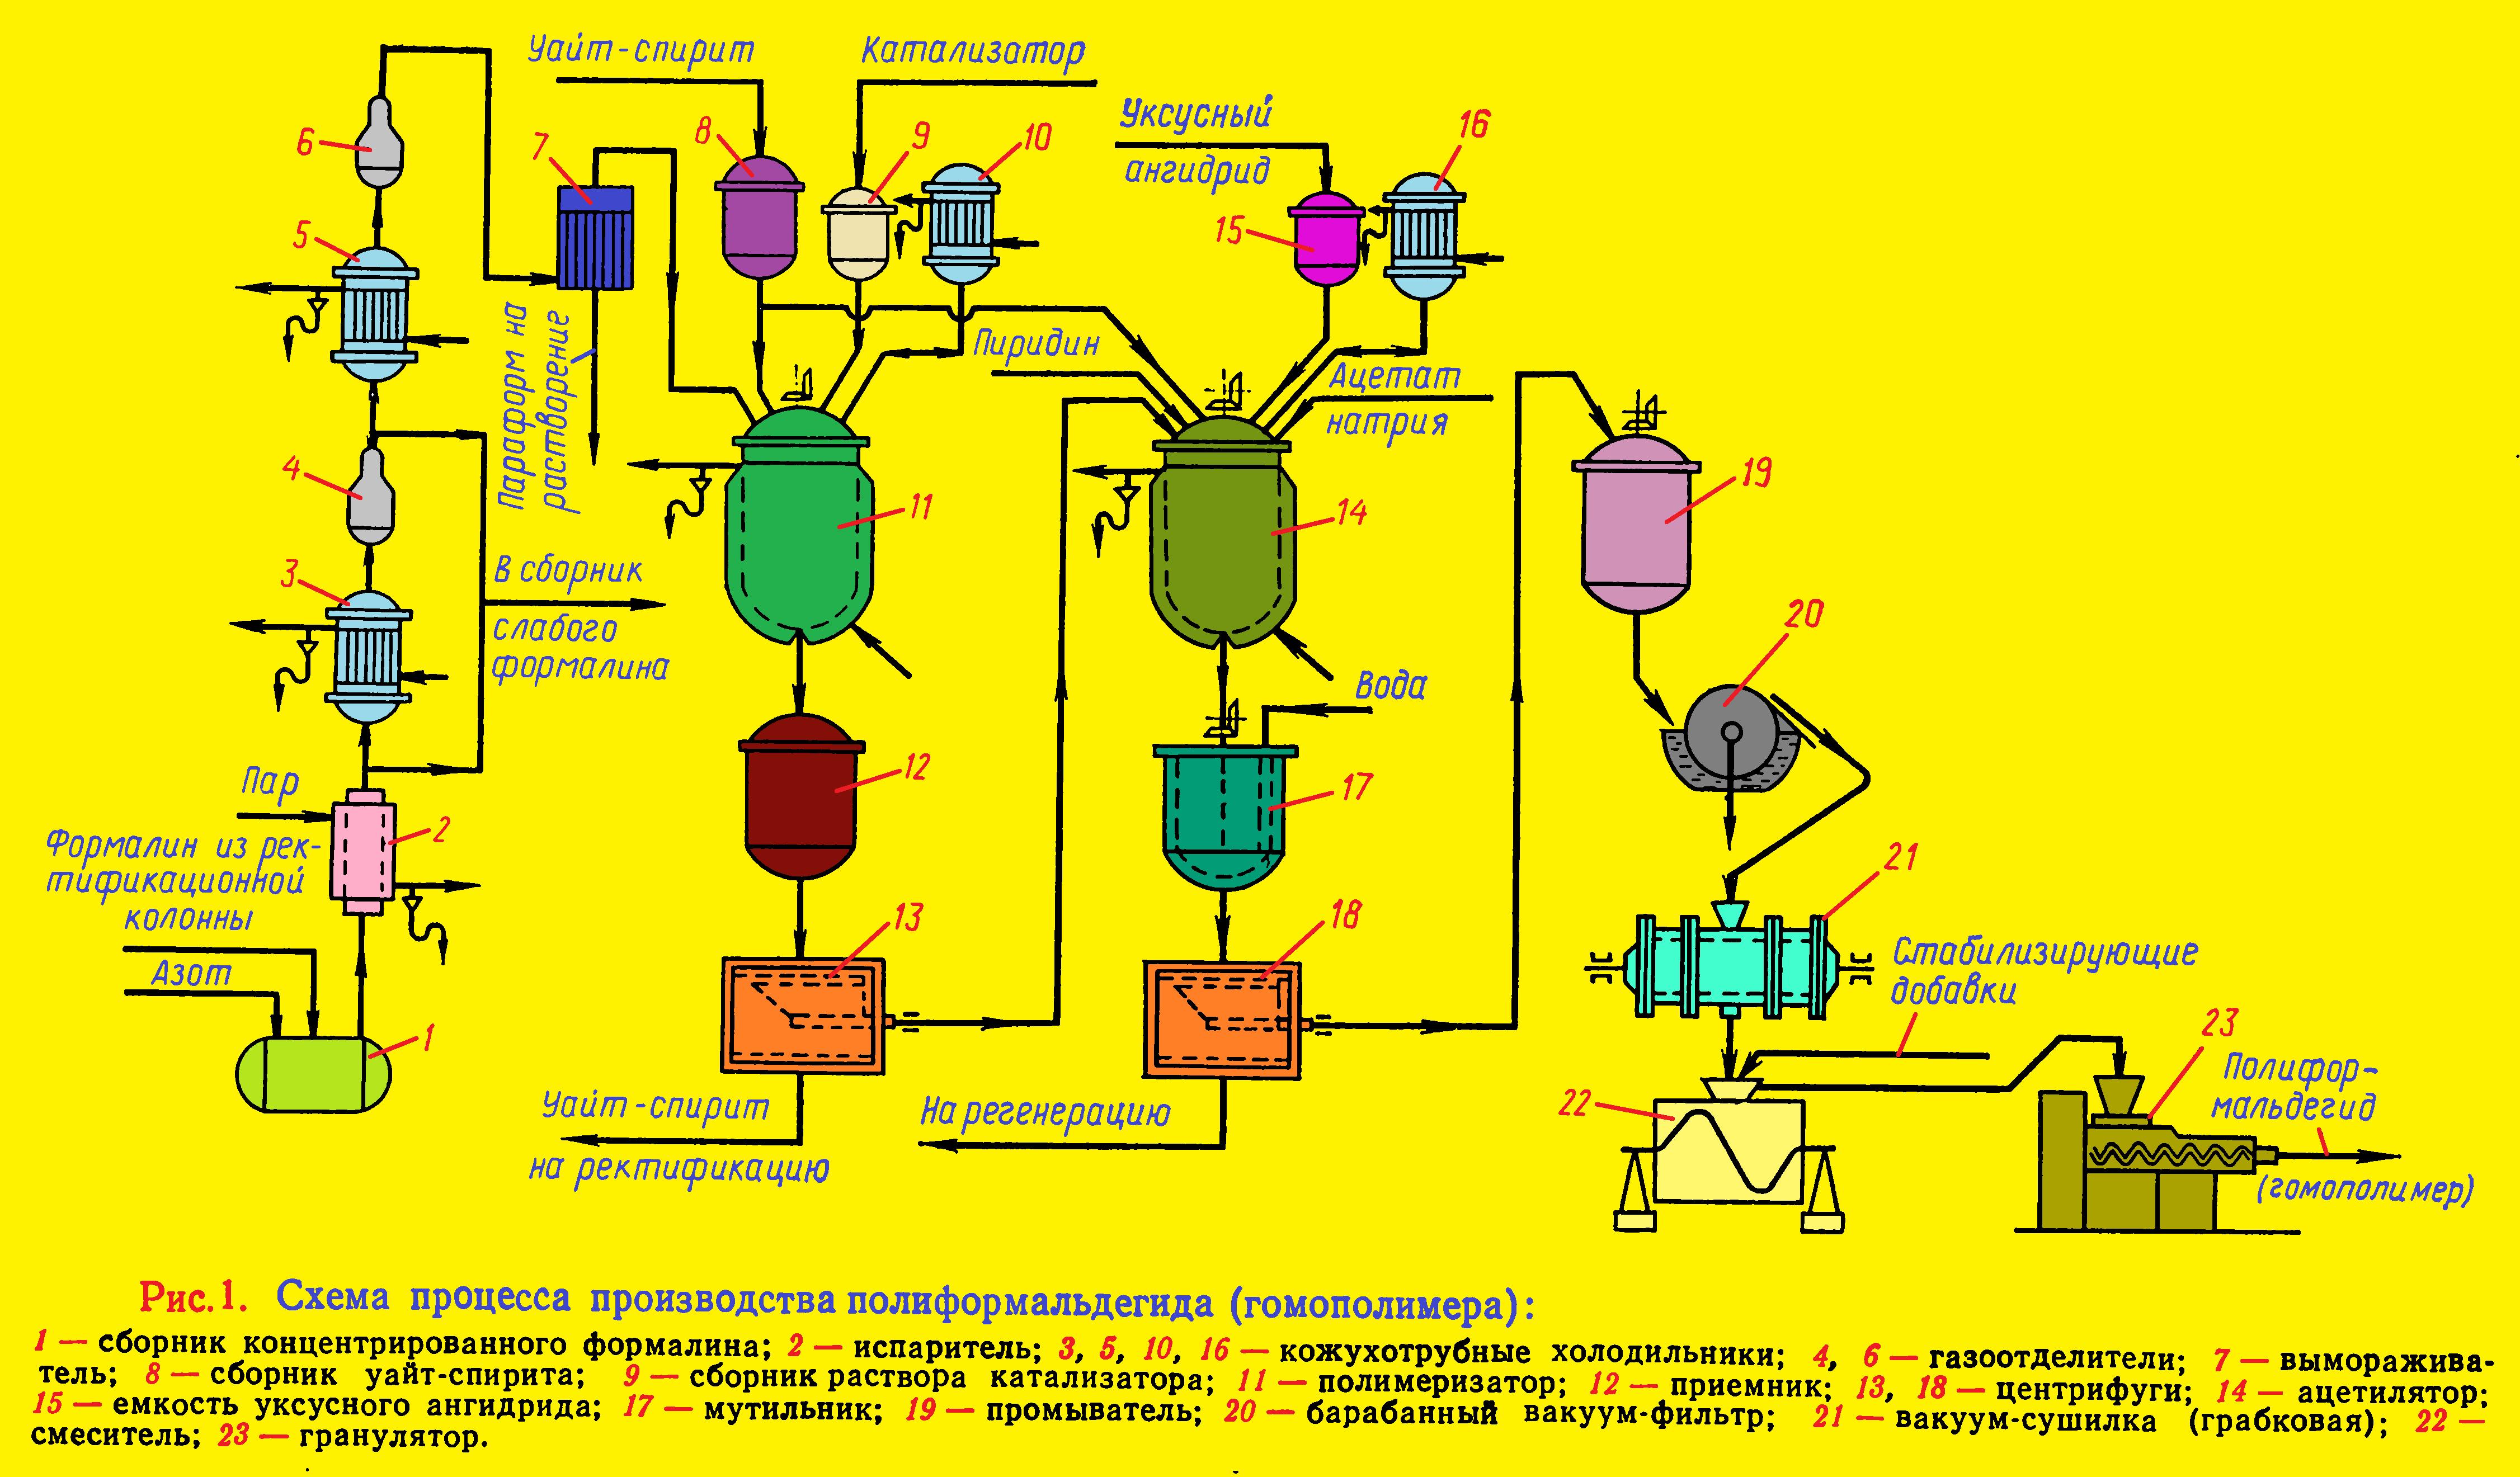 Схема процесса производства полиформальдегида (гомополимера)